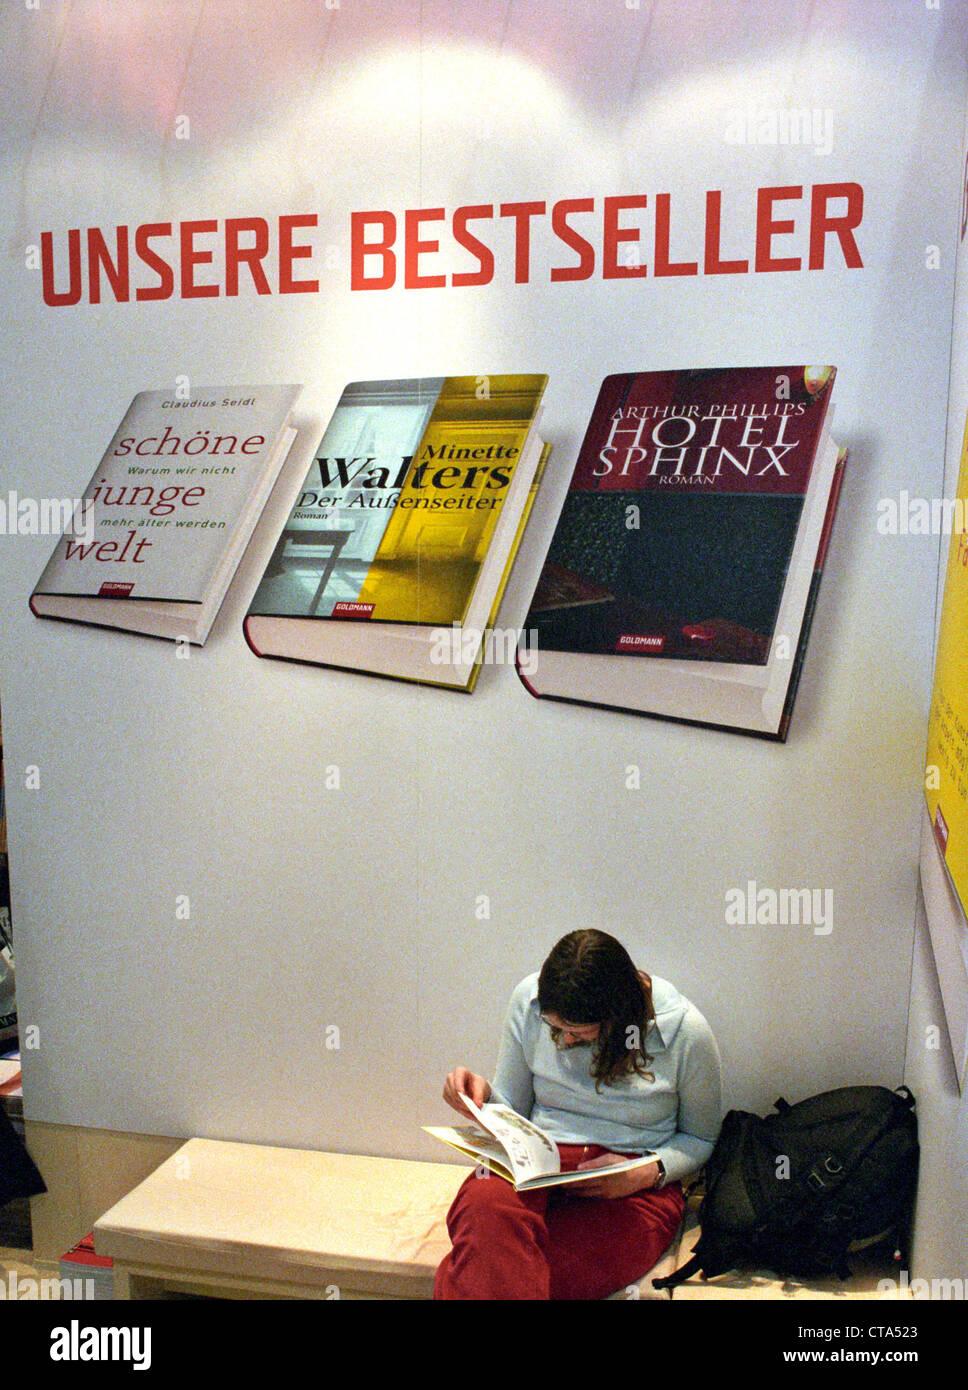 Leipzig Book Fair, the best-selling advertising Goldmann Verlag - Stock Image